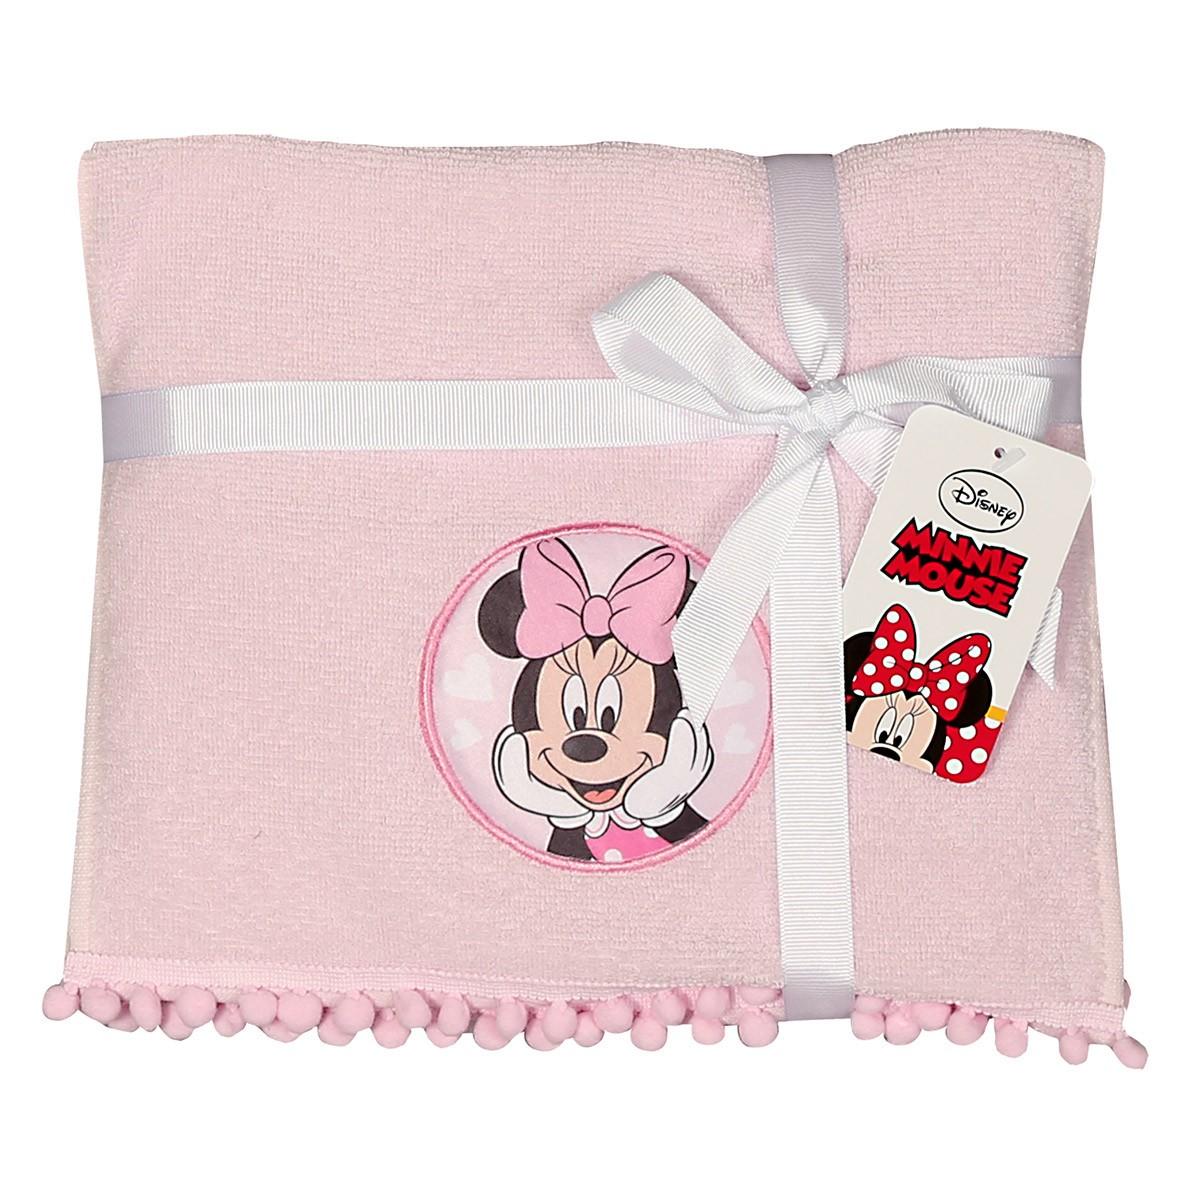 Παιδικές Πετσέτες (Σετ 2τμχ) Nef-Nef Disney Minnie Cute home   παιδικά   πετσέτες παιδικές